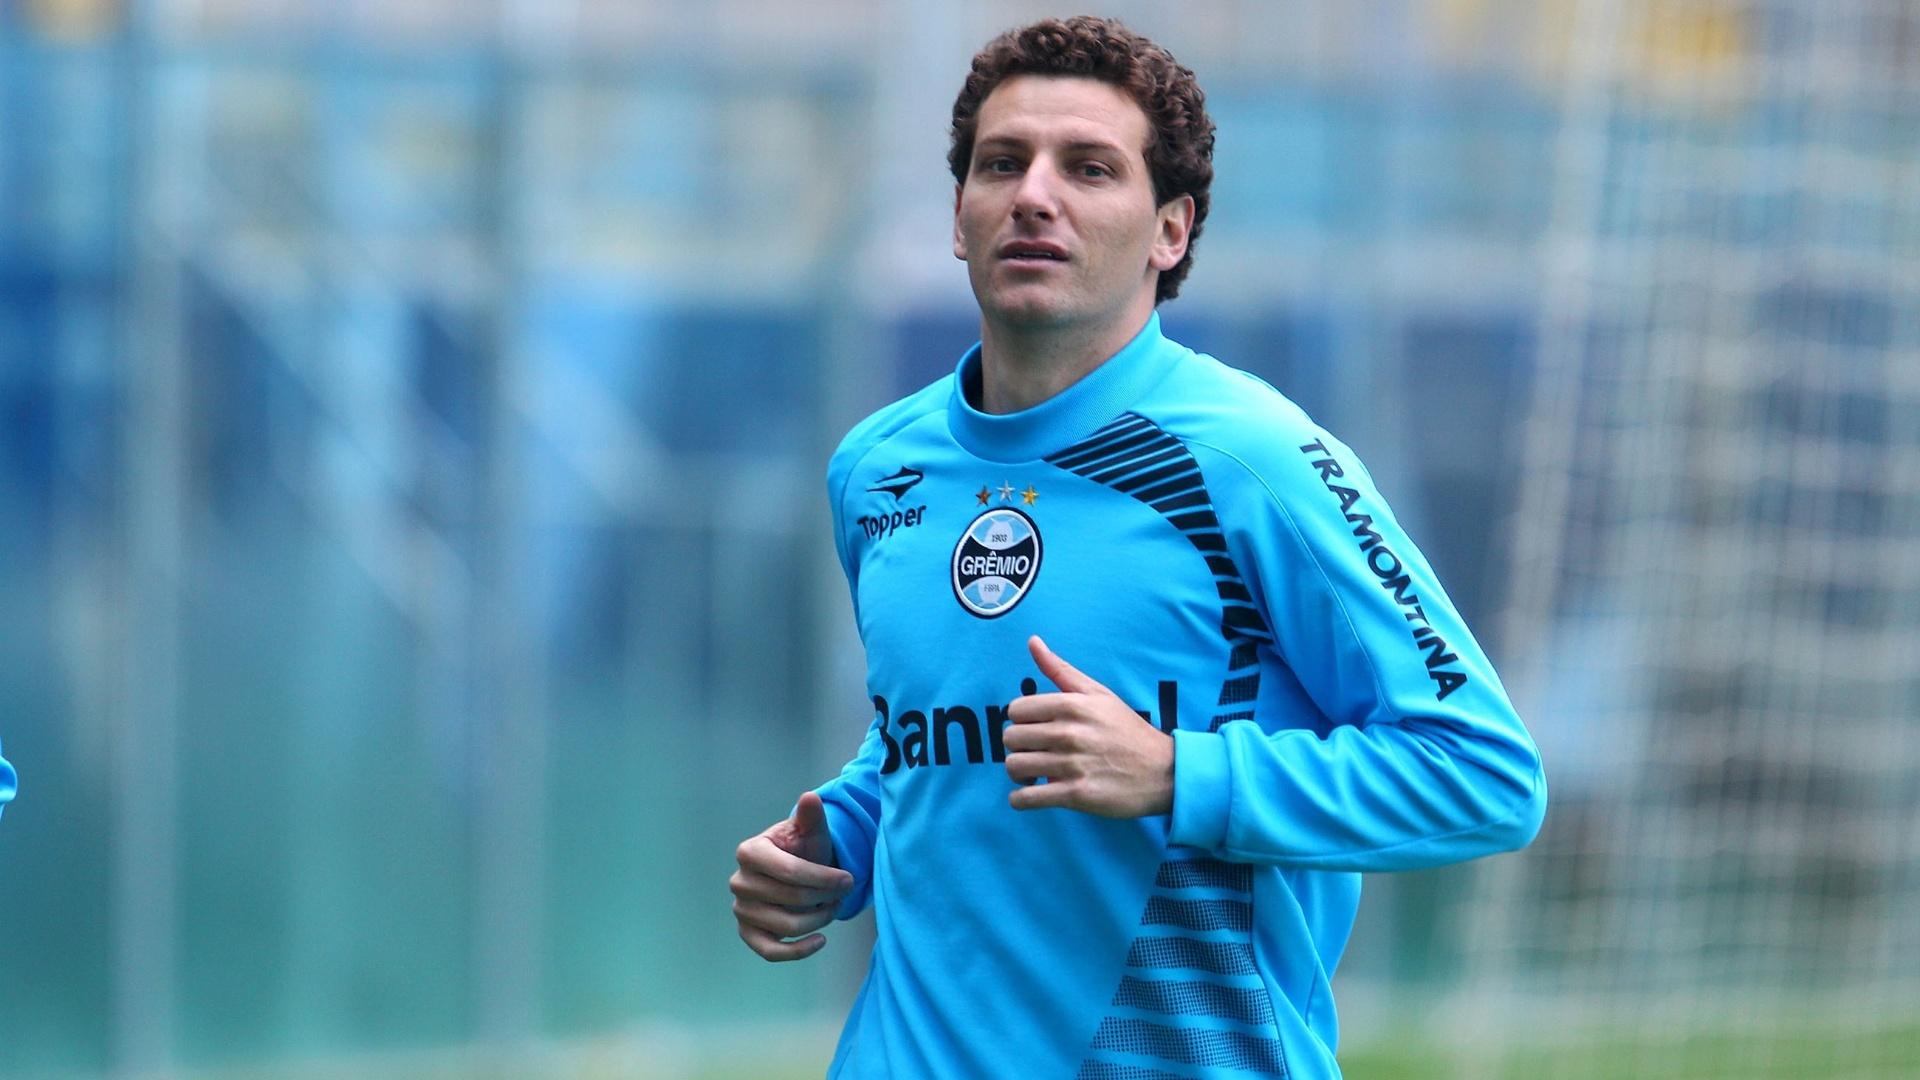 Elano volta a correr em treinamento do Grêmio após lesão na coluna